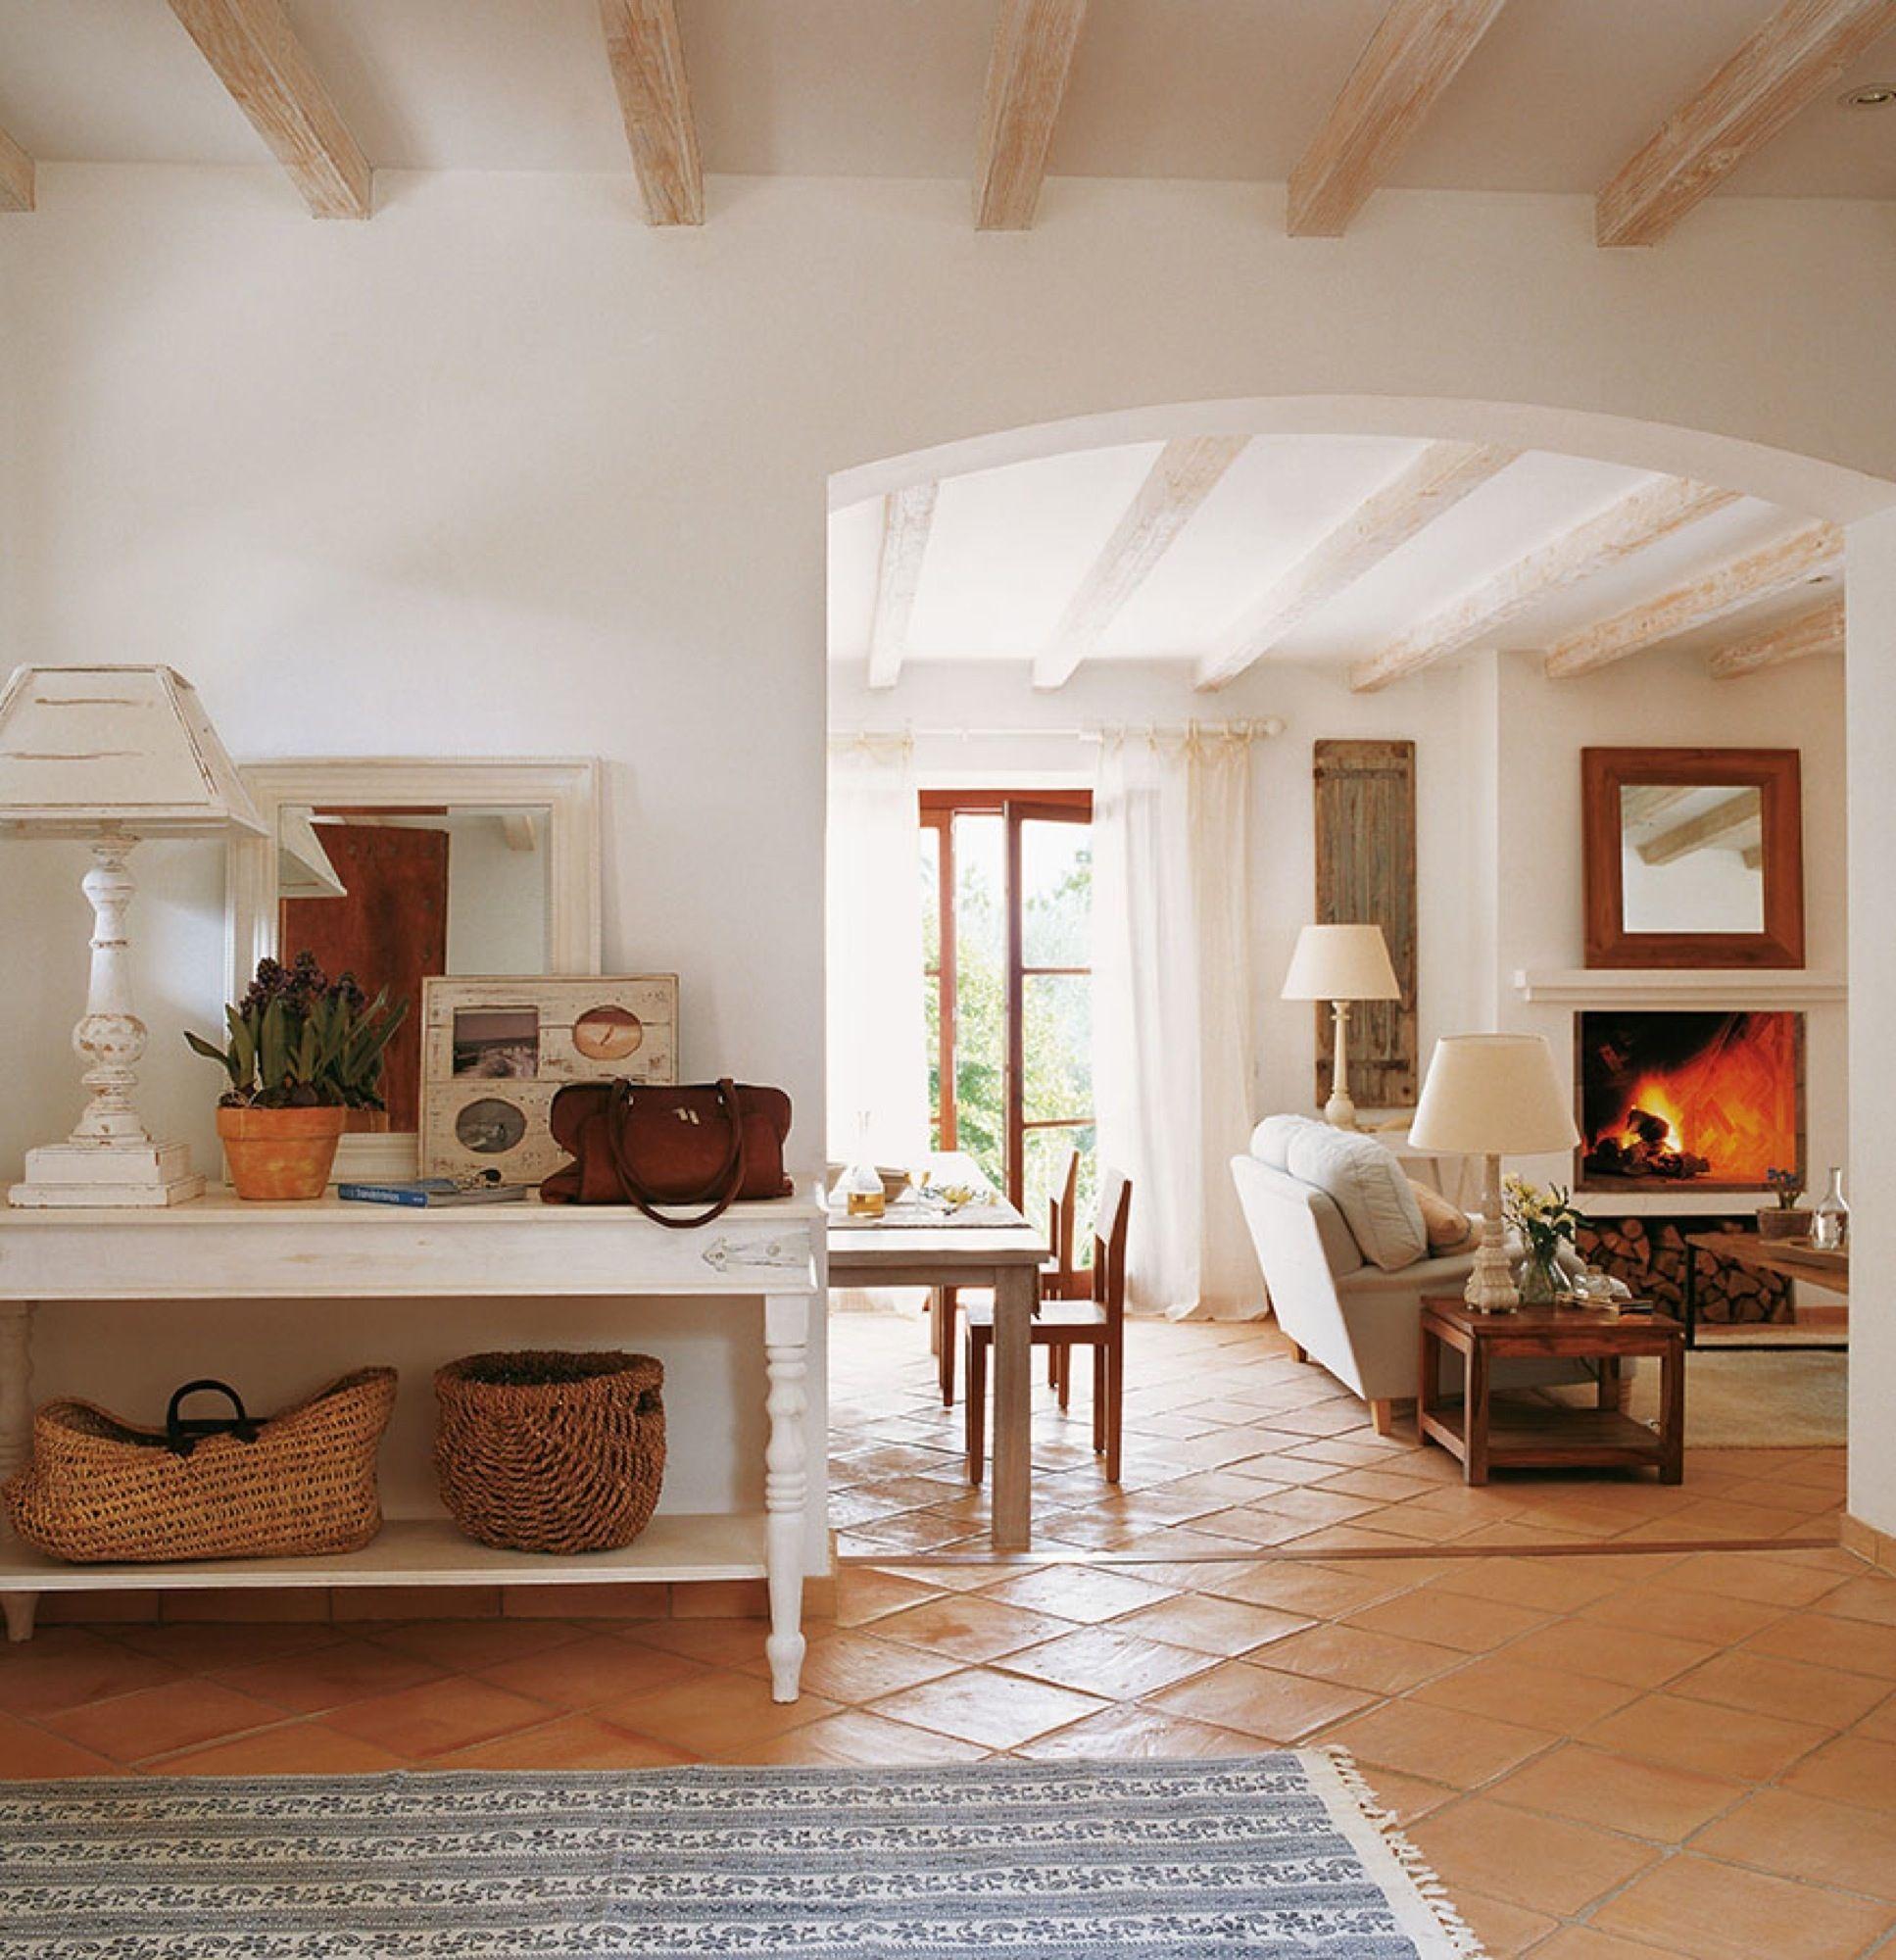 12 recibidores r sticos para entrar con buen pie el for El mueble rustico